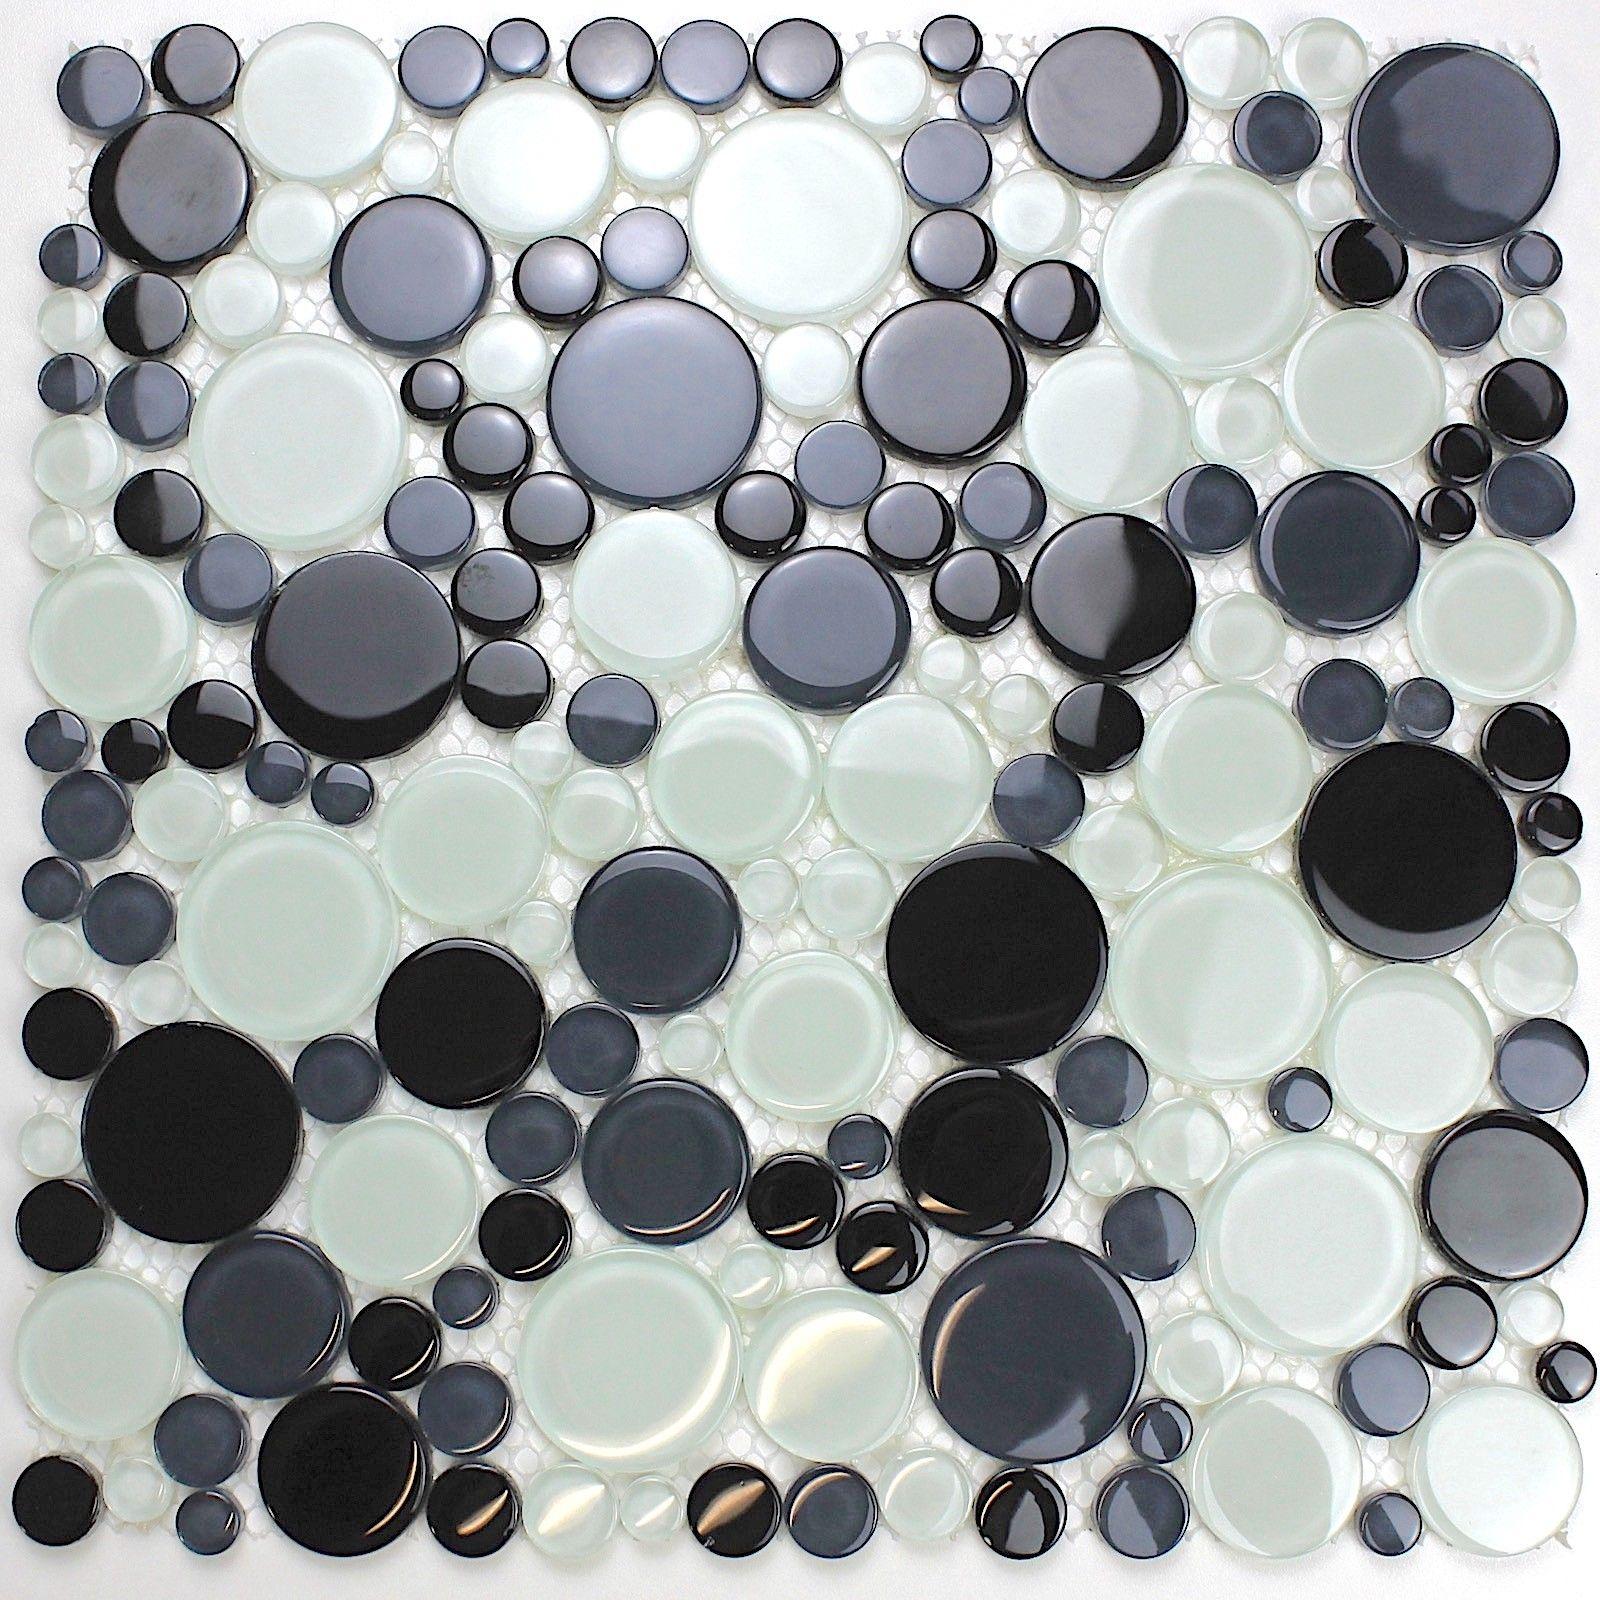 Mosaique Galet Sol Et Mur Pour Douche Et Salle De Bain Ronda Carrelage Mosaique Carrelage Mosaique Verre En Mosaique Carrelage Mural